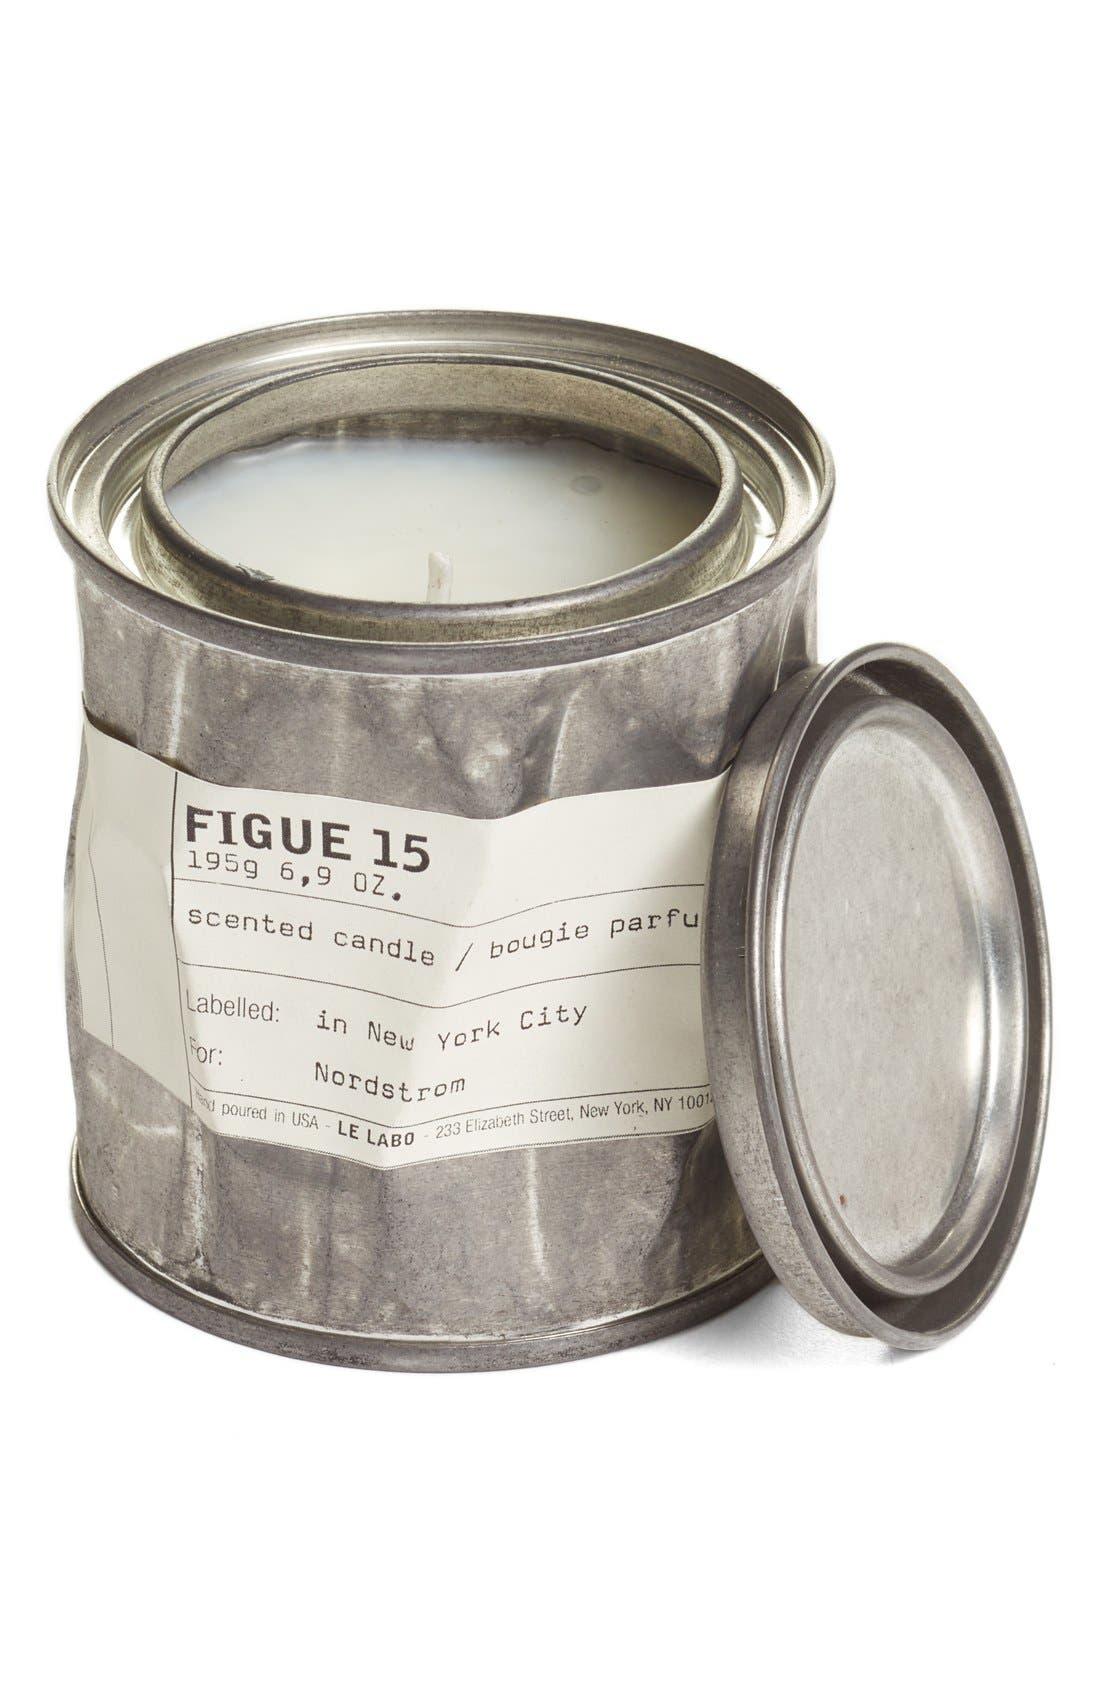 Le Labo 'Figue 15' Vintage Candle Tin